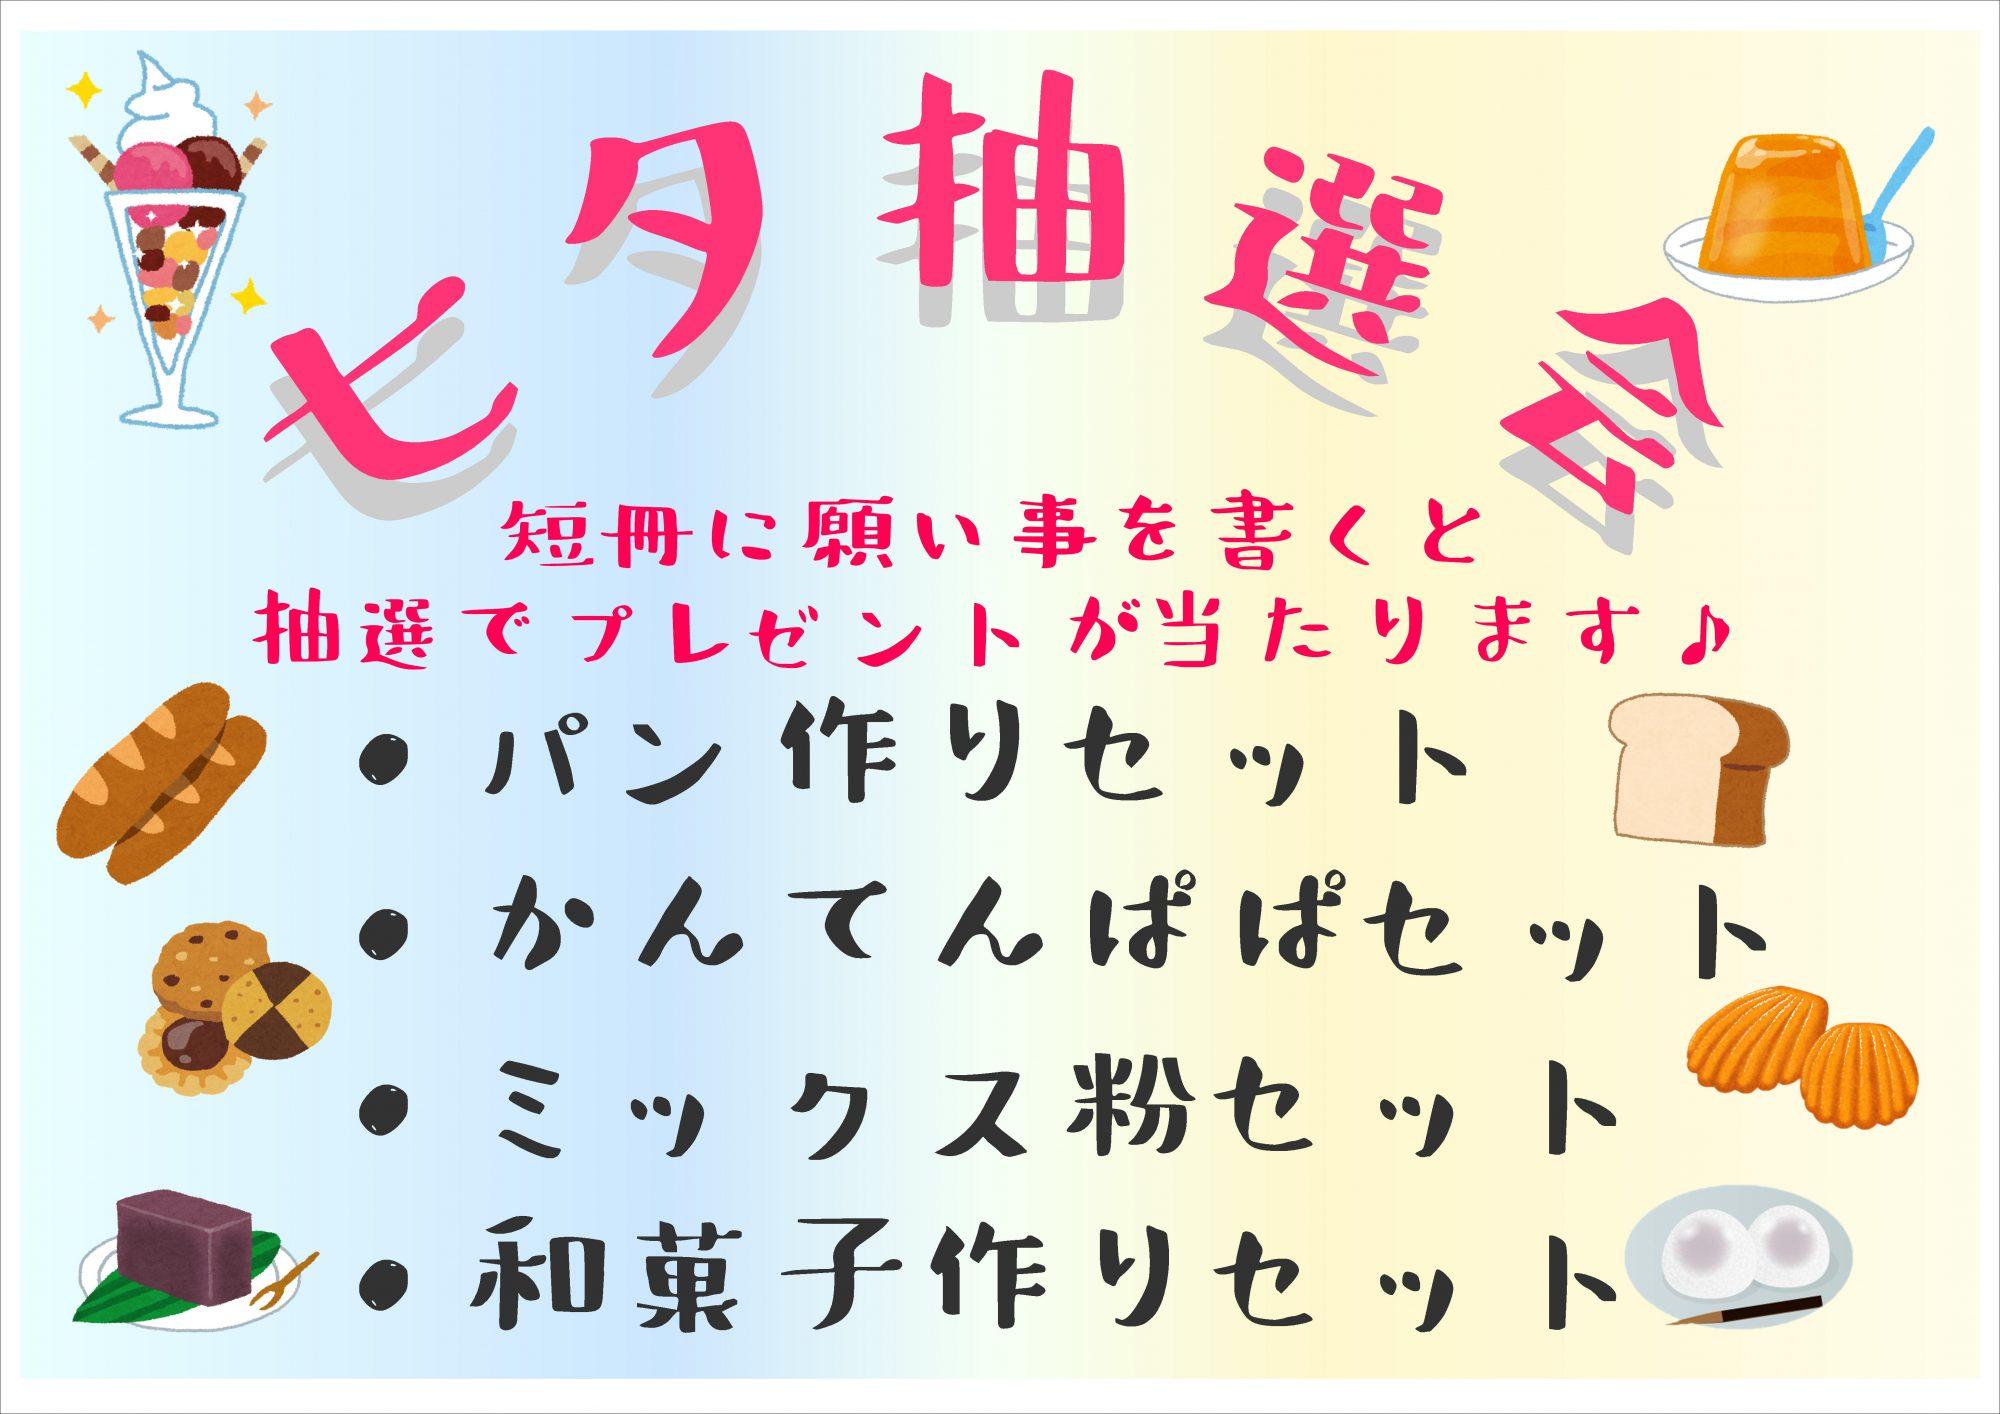 七夕抽選会開催中!